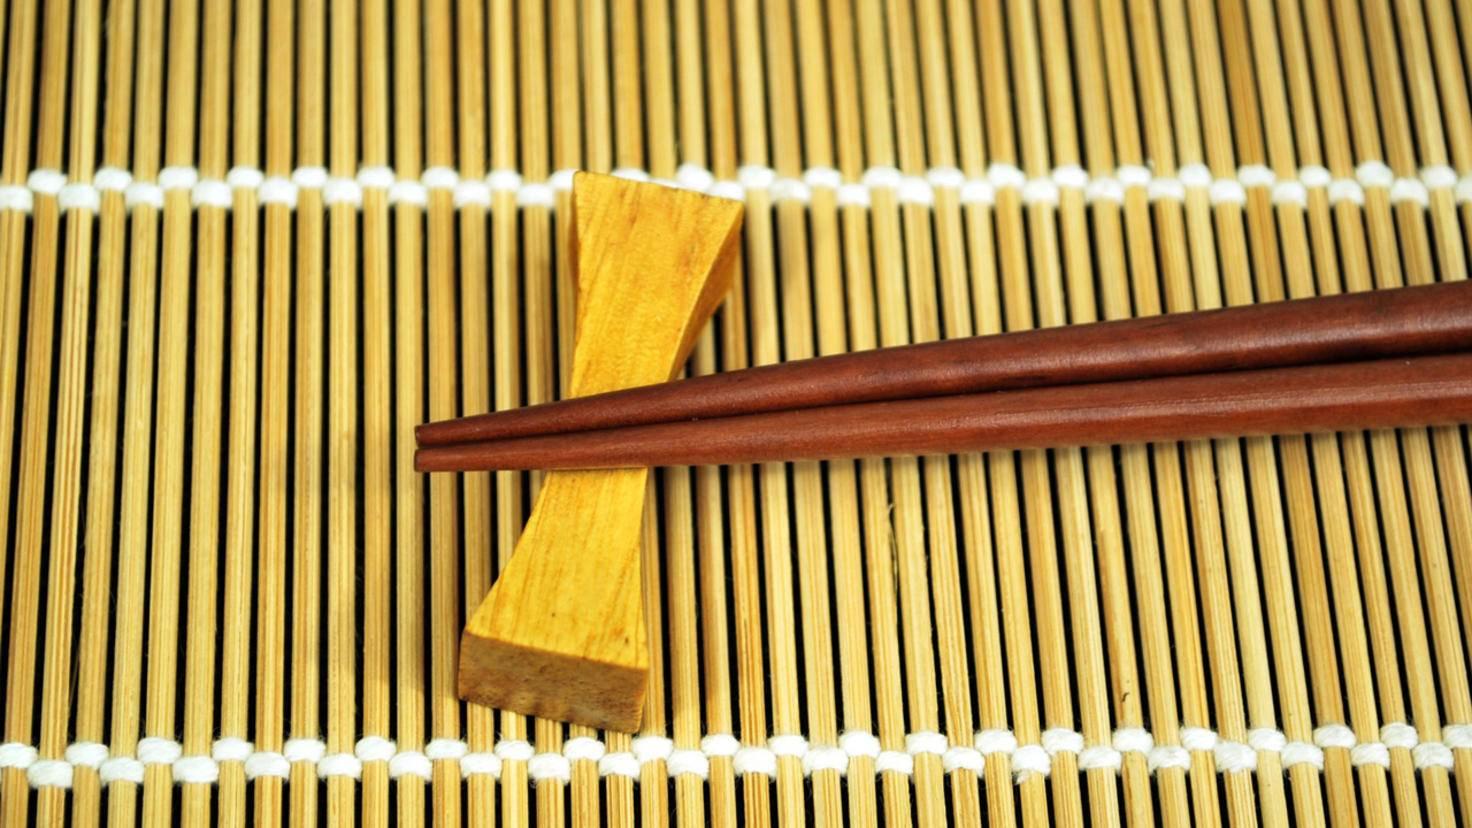 """Um Essstäbchen während des Essens oder danach abzulegen, gibt es kleine Holzbänkchen, die auf japanisch """"Hashi-Oki"""" heißen."""